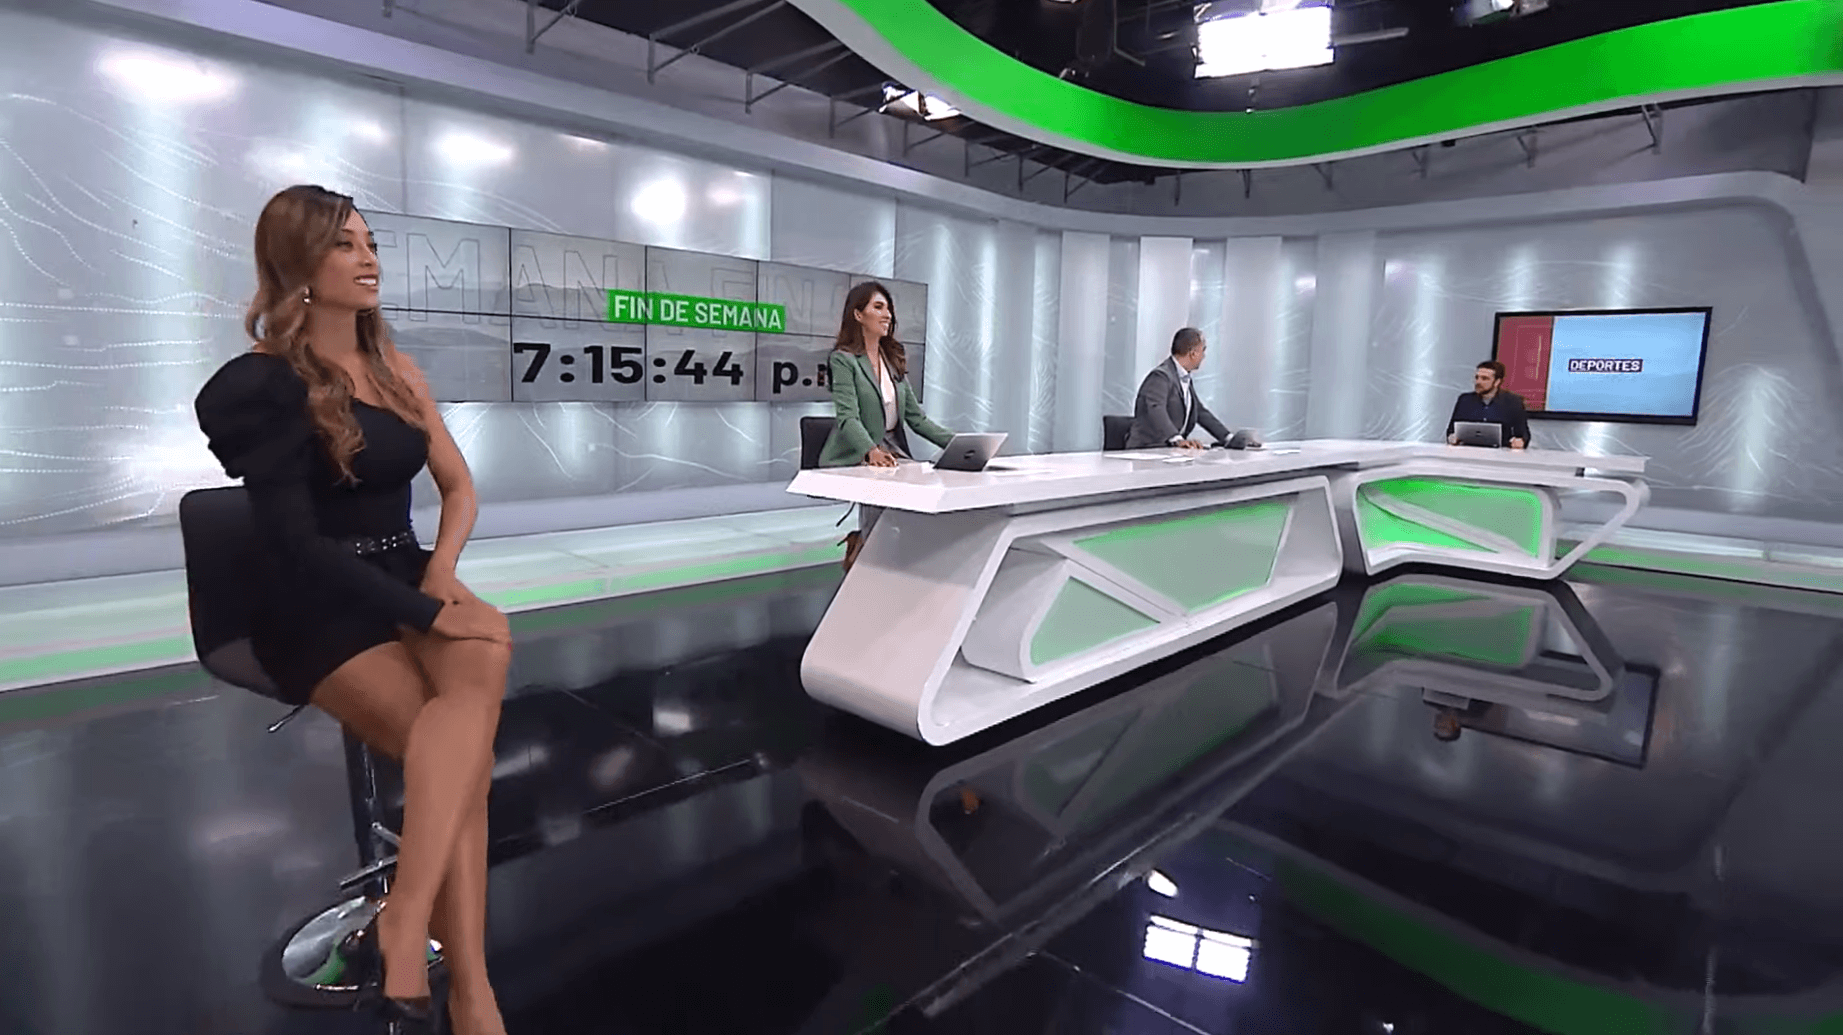 Teleantioquia Noticias – sábado 03 de abril de 2021 noche